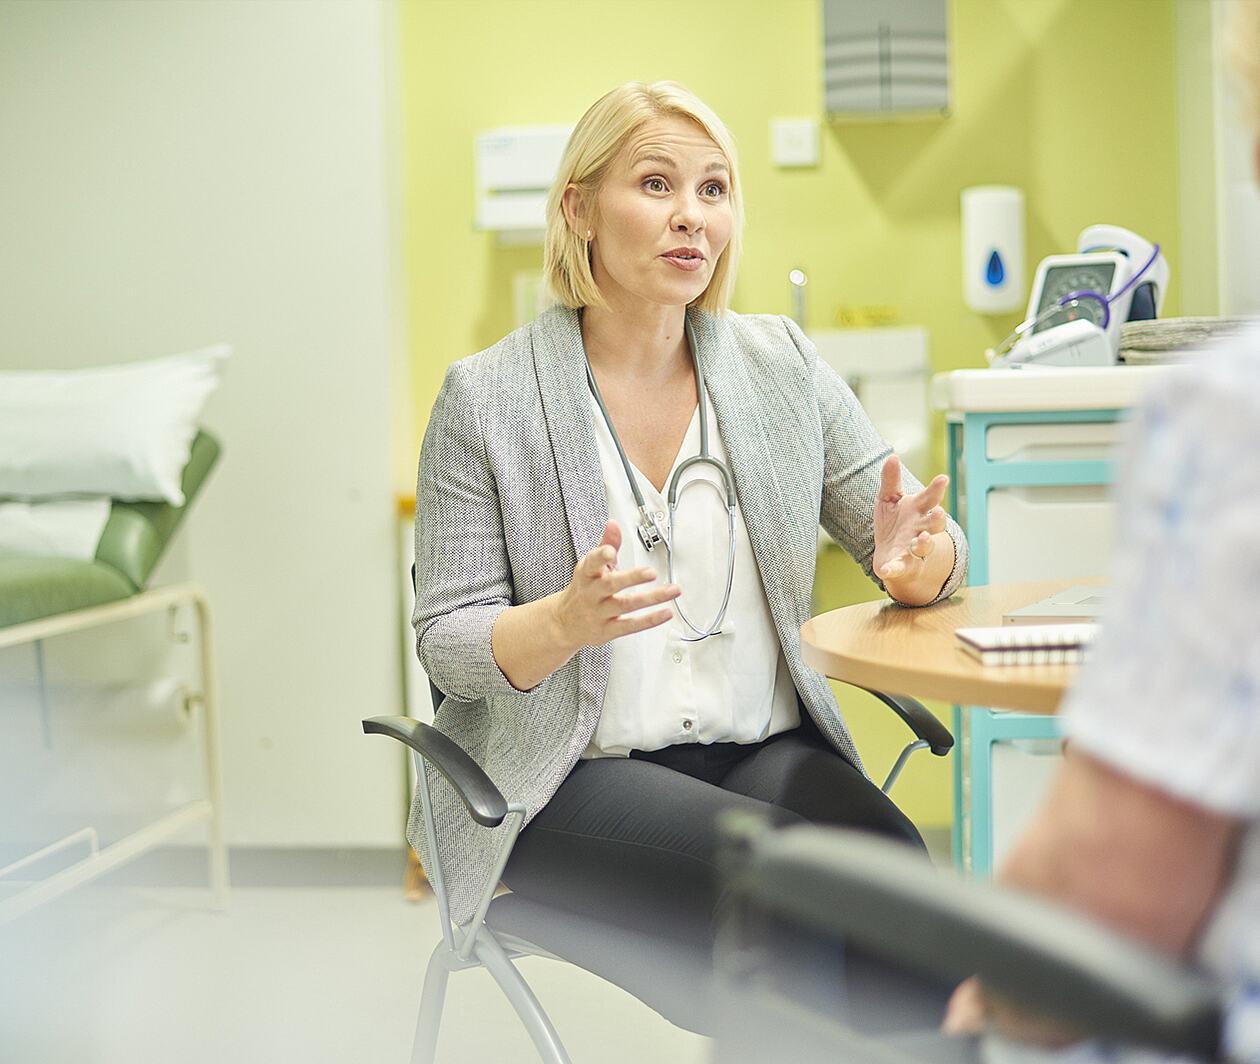 Genomic Scenarios in Primary Care